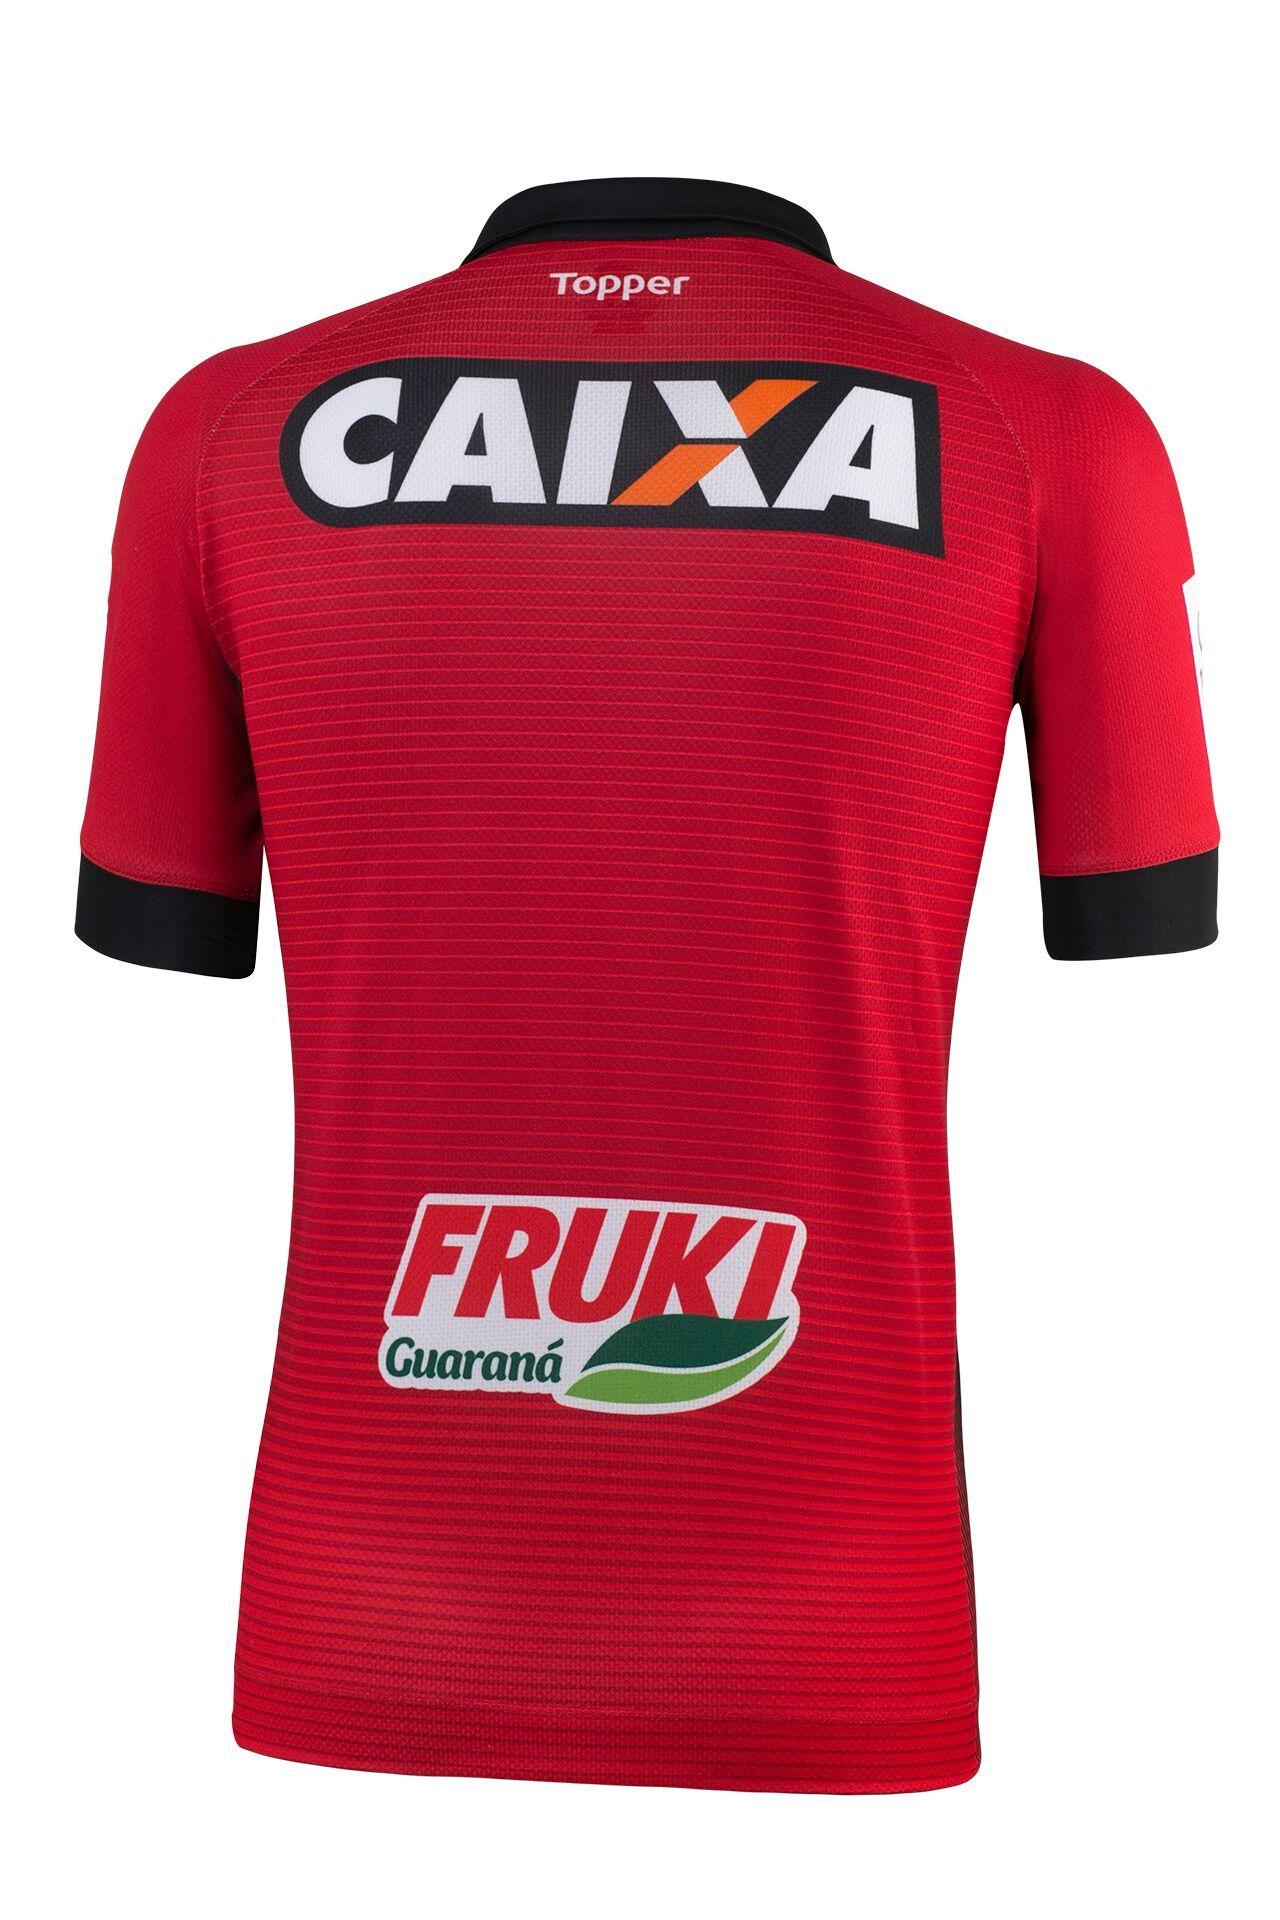 Barcelona lançará a  camisa mais polêmica de todos os tempos ... 7a4d5aa99fea2